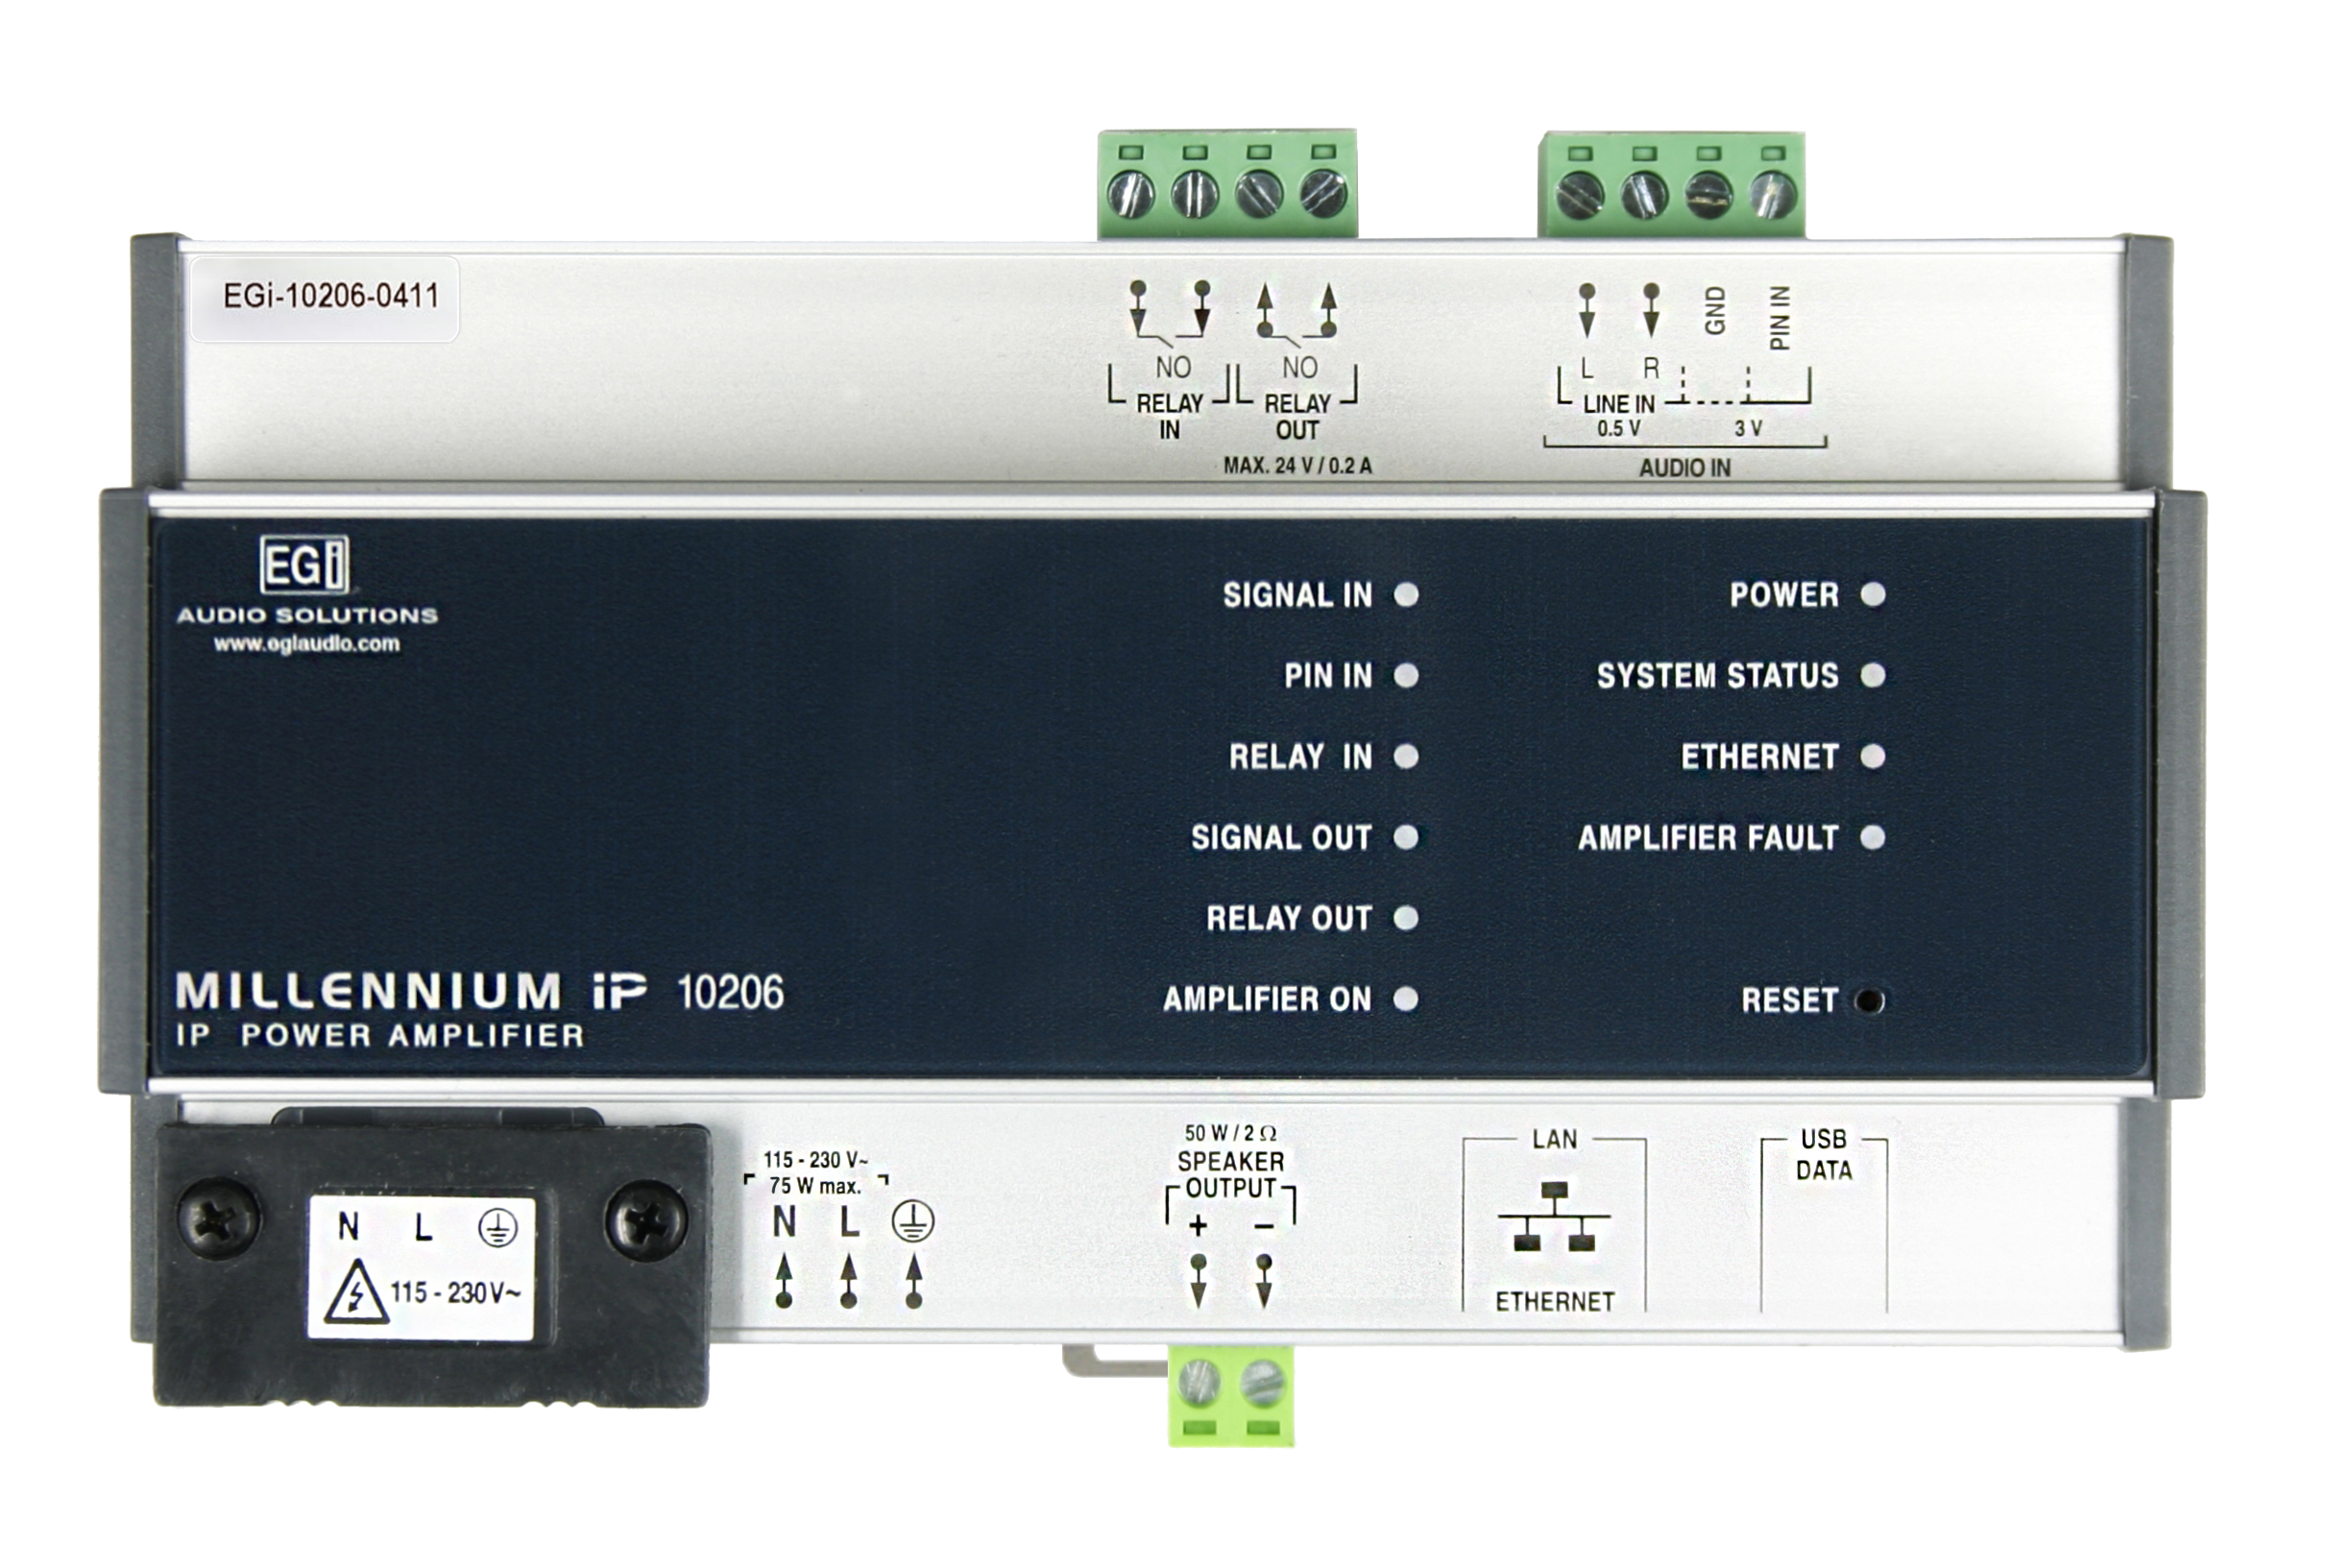 MILLENNIUM IP AUDIO IP Etapa ip 10206